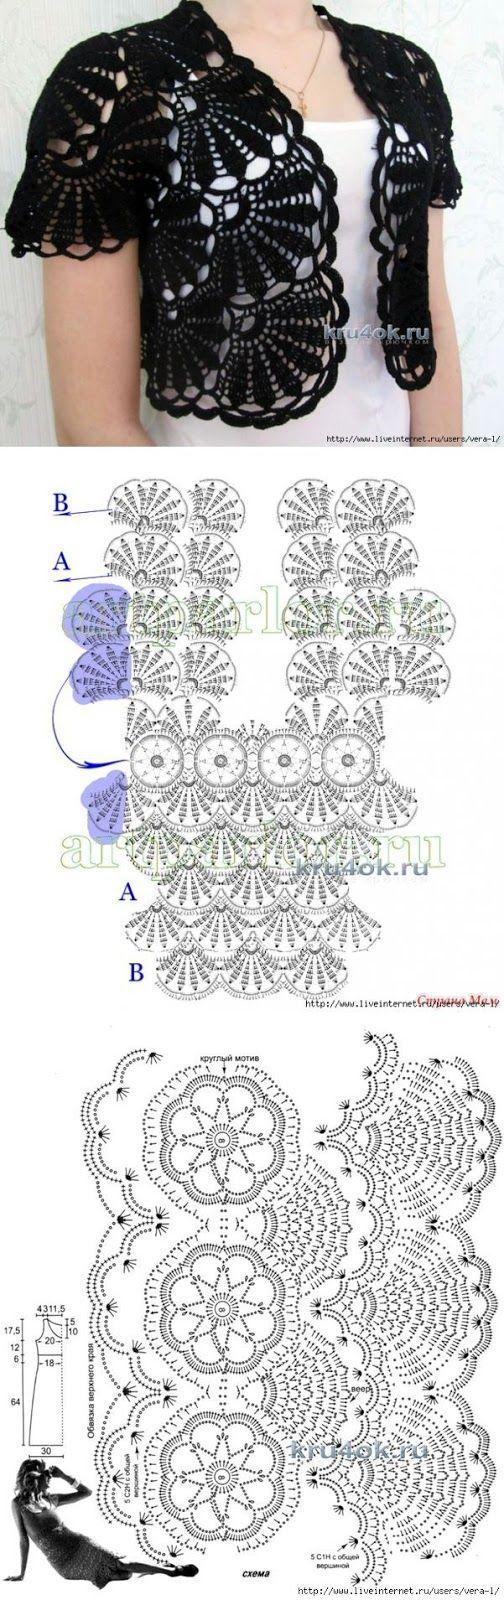 Letras e Artes da Lalá: Blusas de crochê, com receitas                                                                                                                                                                                 Mais